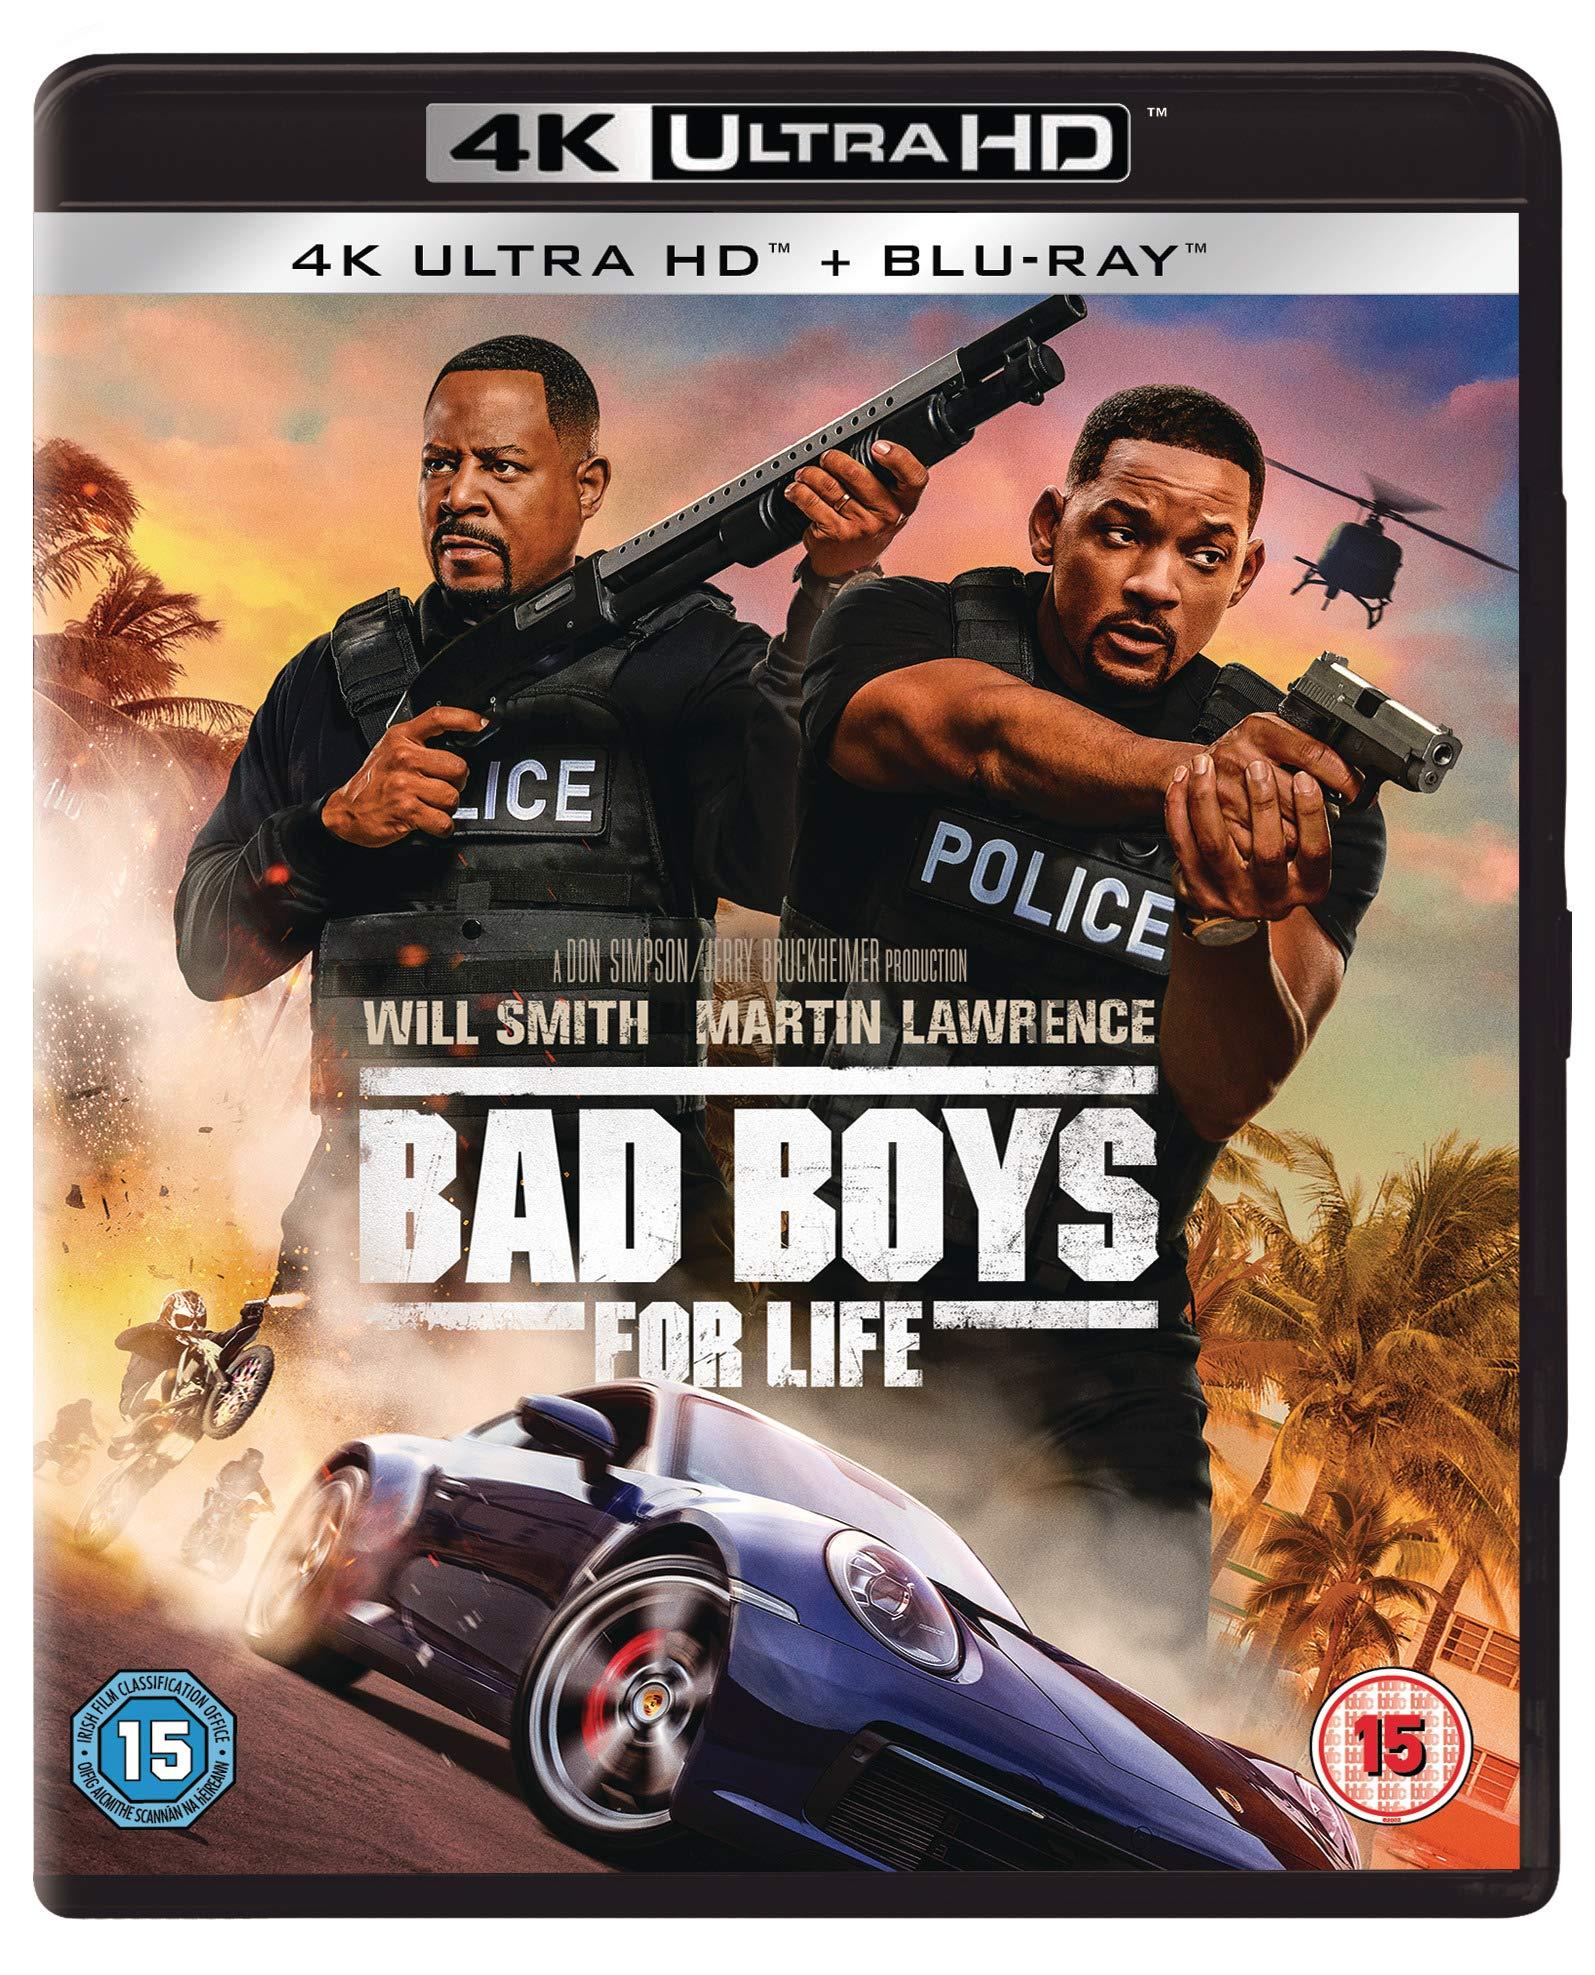 Bad Boys For Life (2 Discs - 4K UHD & BD) [Blu-ray] [2020] [Region Free]